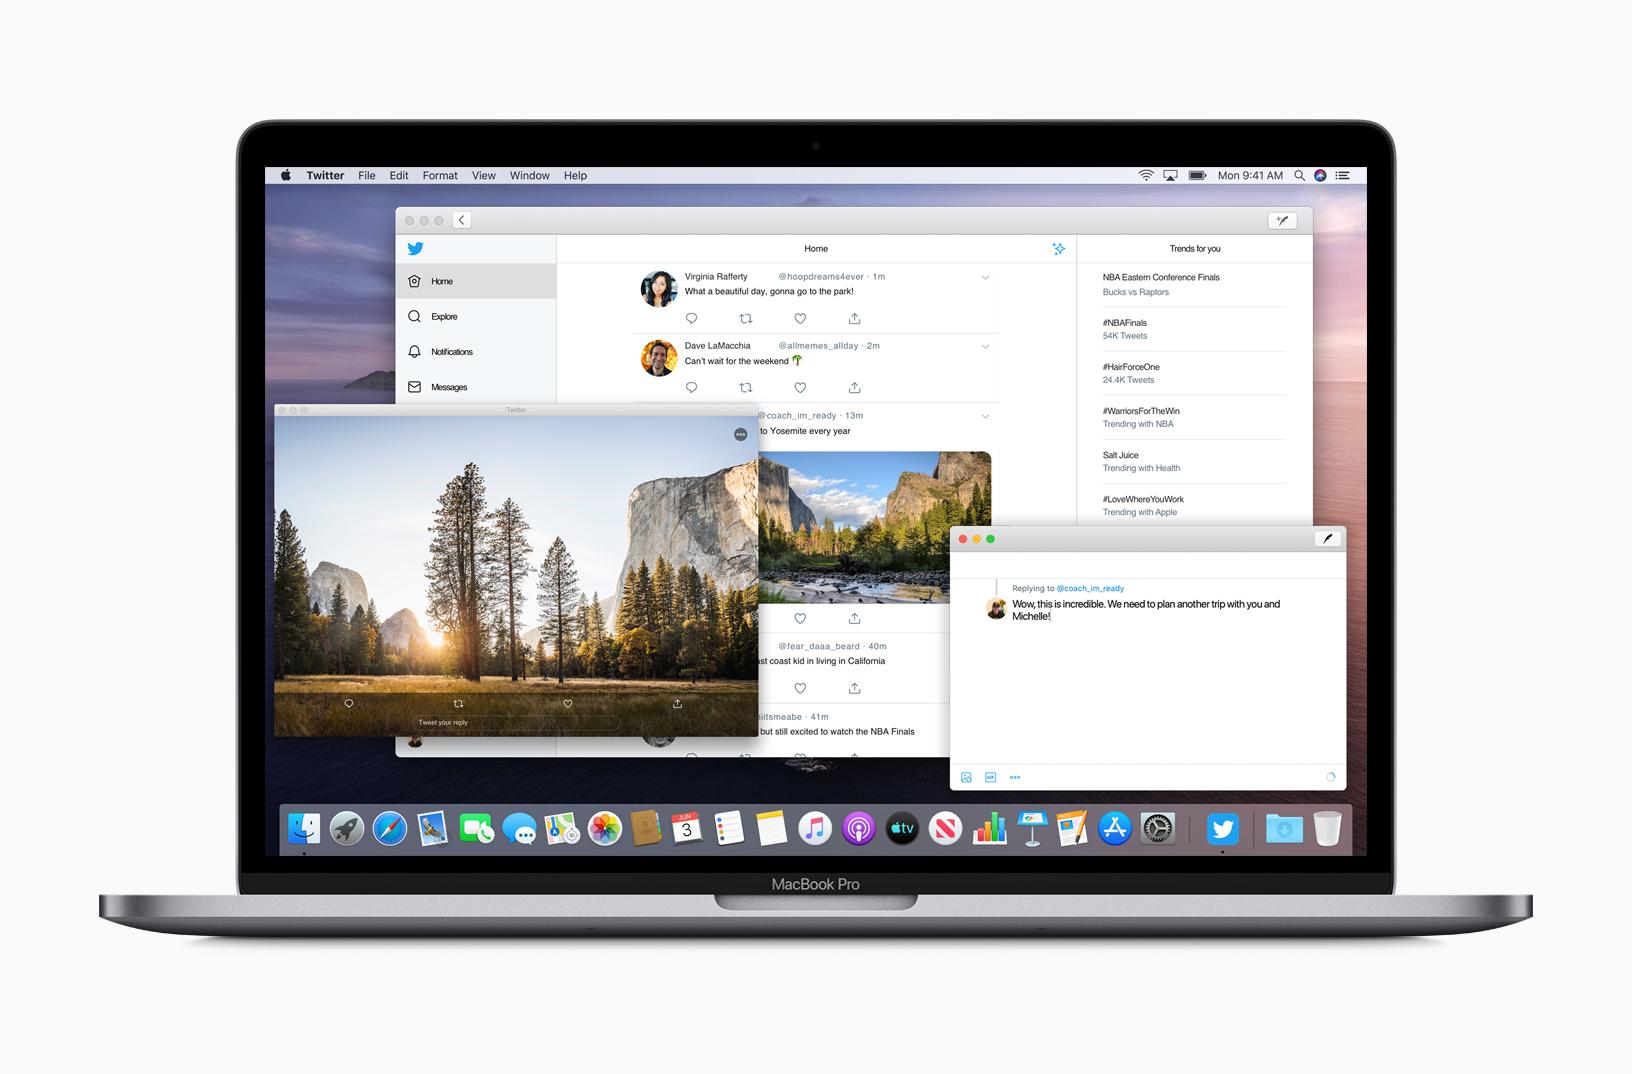 2cca70001f0 Apple-dev-tools-twitter-screen-06032019_big.jpg